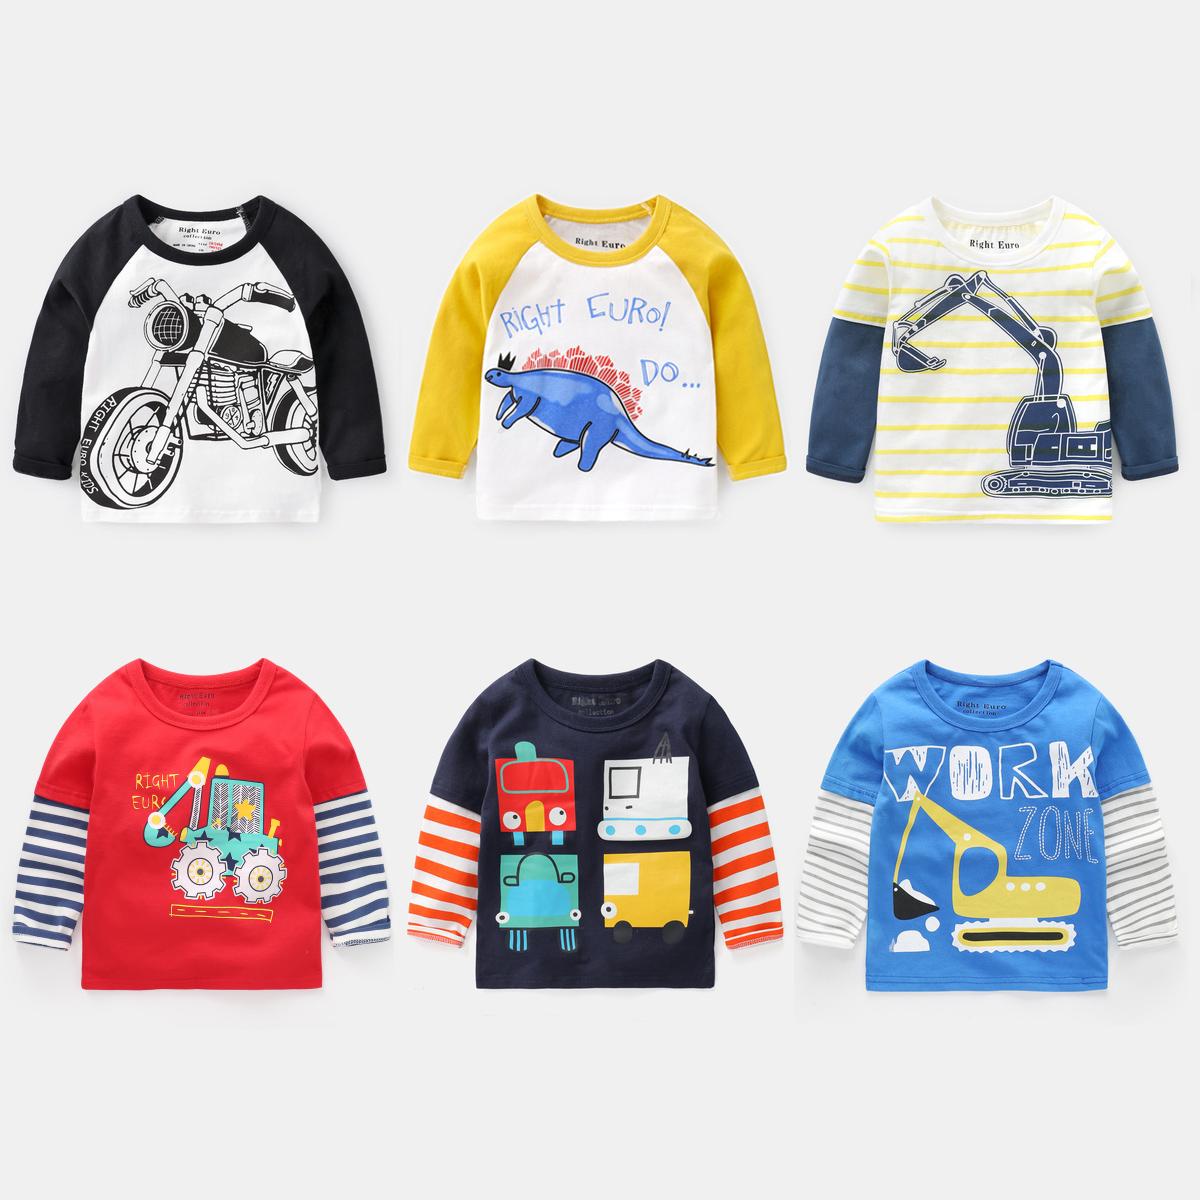 儿童短袖长袖T恤纯棉秋装男童夏装童装宝宝小童1岁3幼儿潮上衣